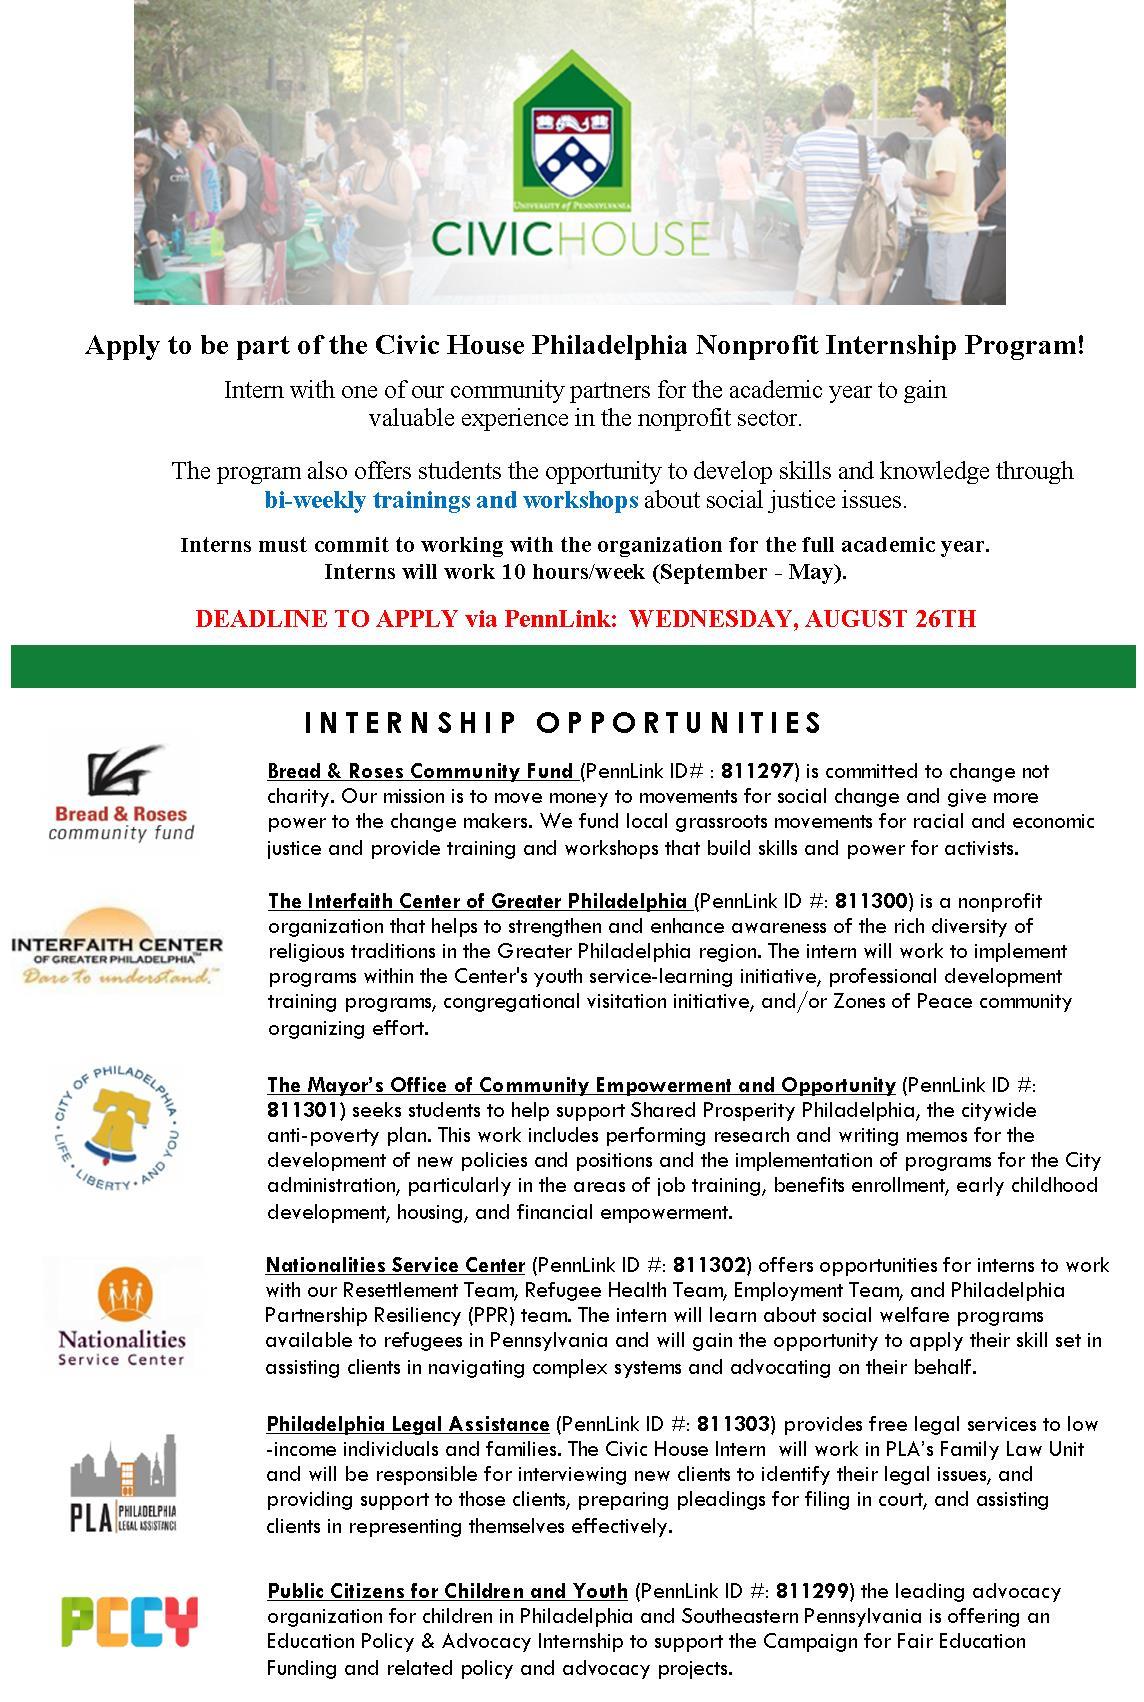 CHPNIP_2015-2016_Opportunities.jpg